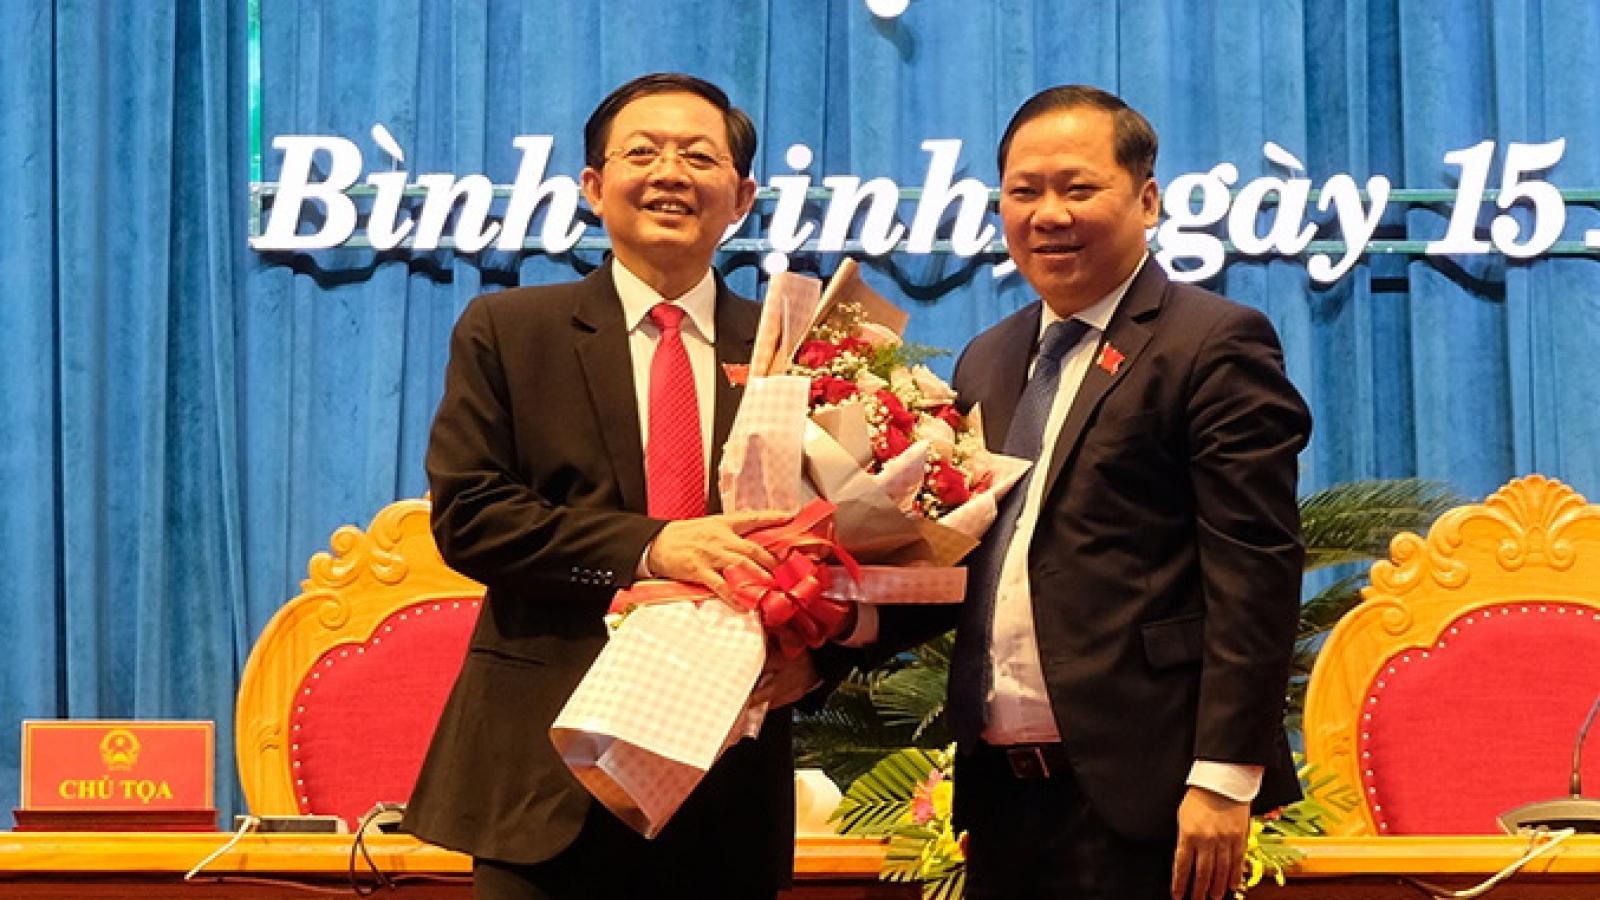 Bí thư Tỉnh ủy Hồ Quốc Dũng giữ chức Chủ tịch HĐND tỉnh Bình Định khóa XIII